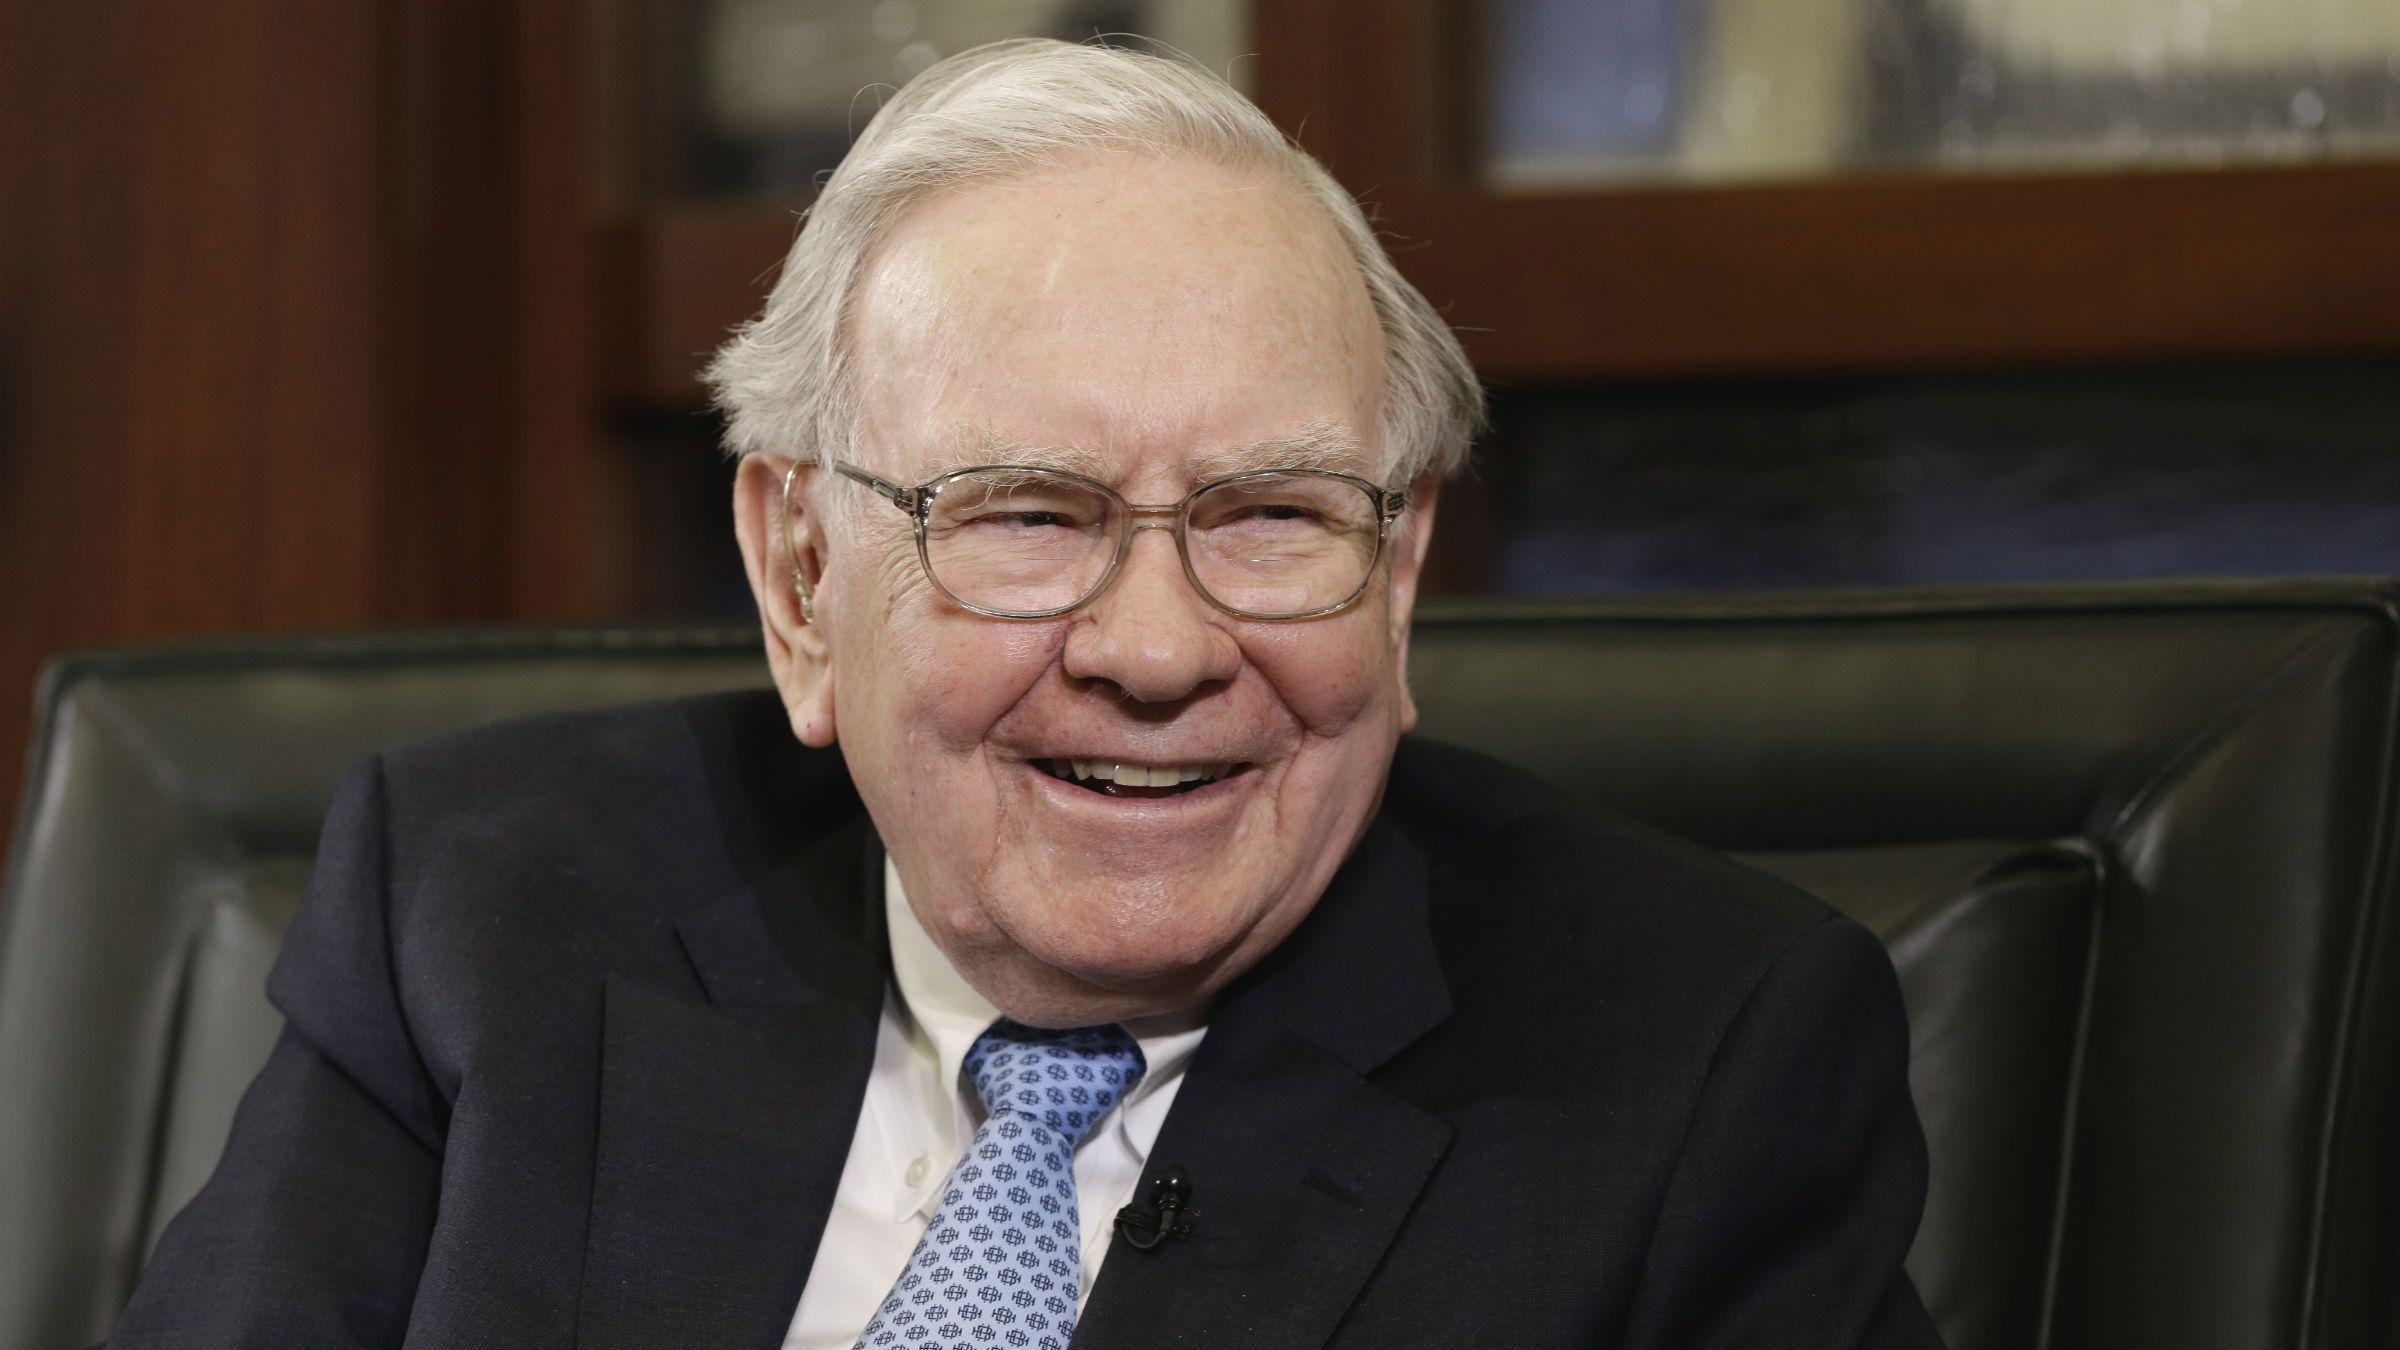 Warren Buffett round face